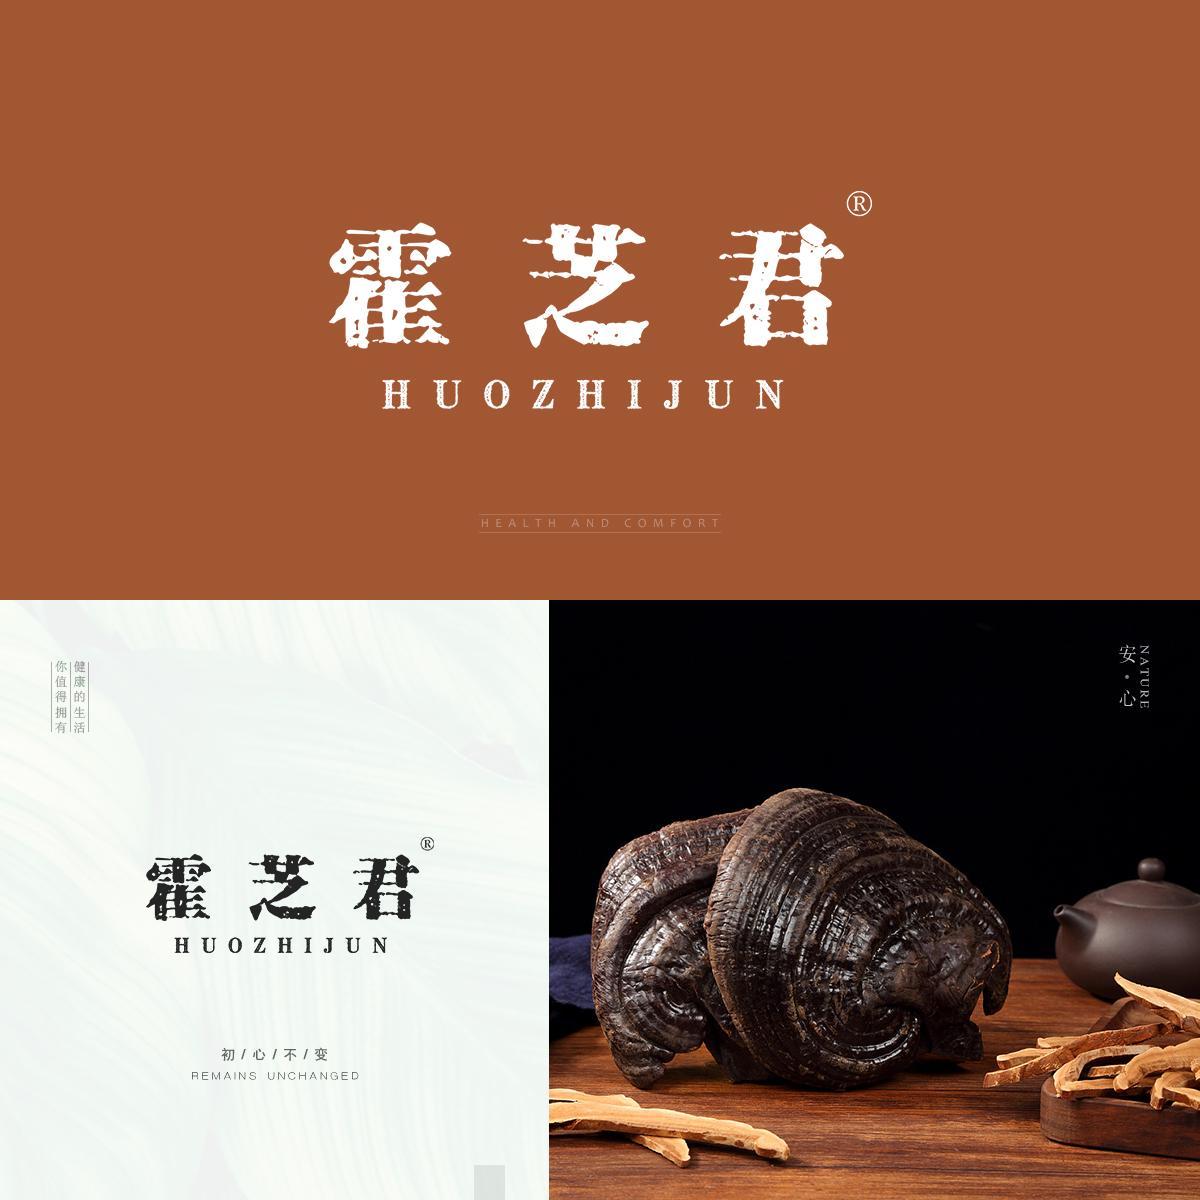 霍芝君 HUOZHIJUN